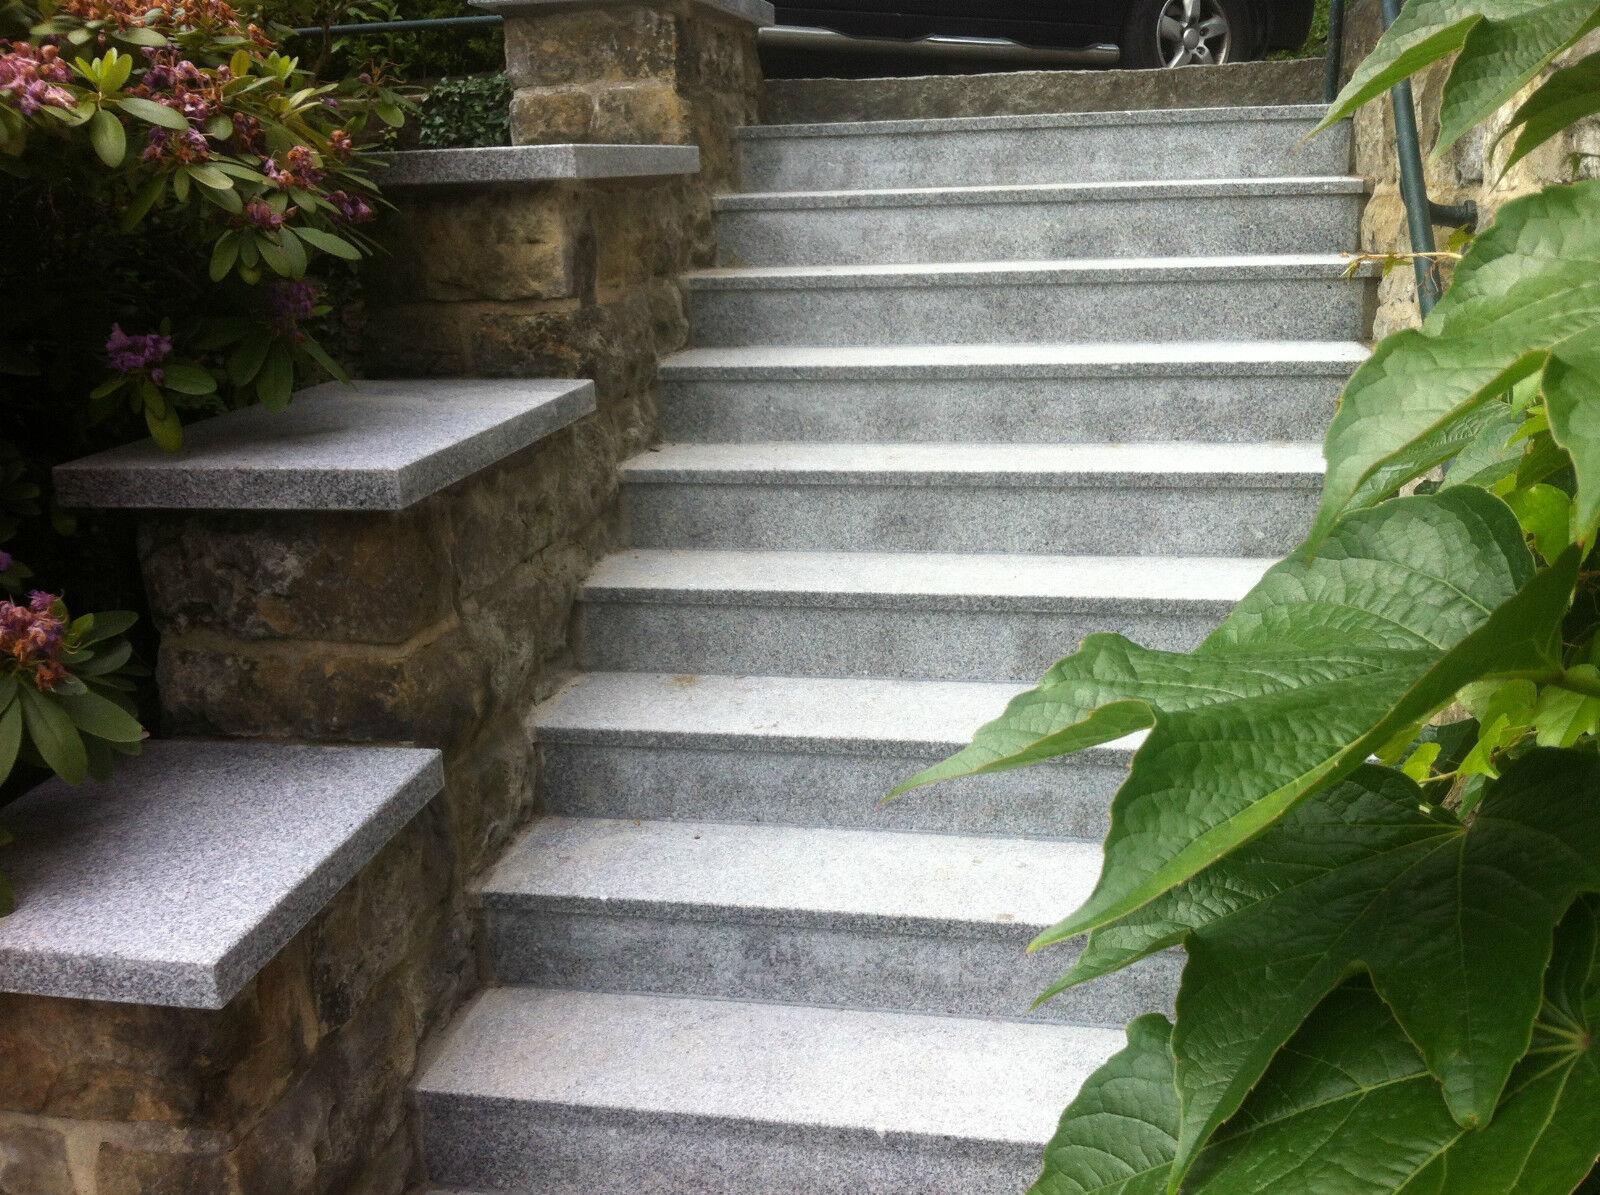 mauerabdeckung naturstein grau granit abdeckplatte mauer pfeilerabdeckung 4cm eur 84 99. Black Bedroom Furniture Sets. Home Design Ideas